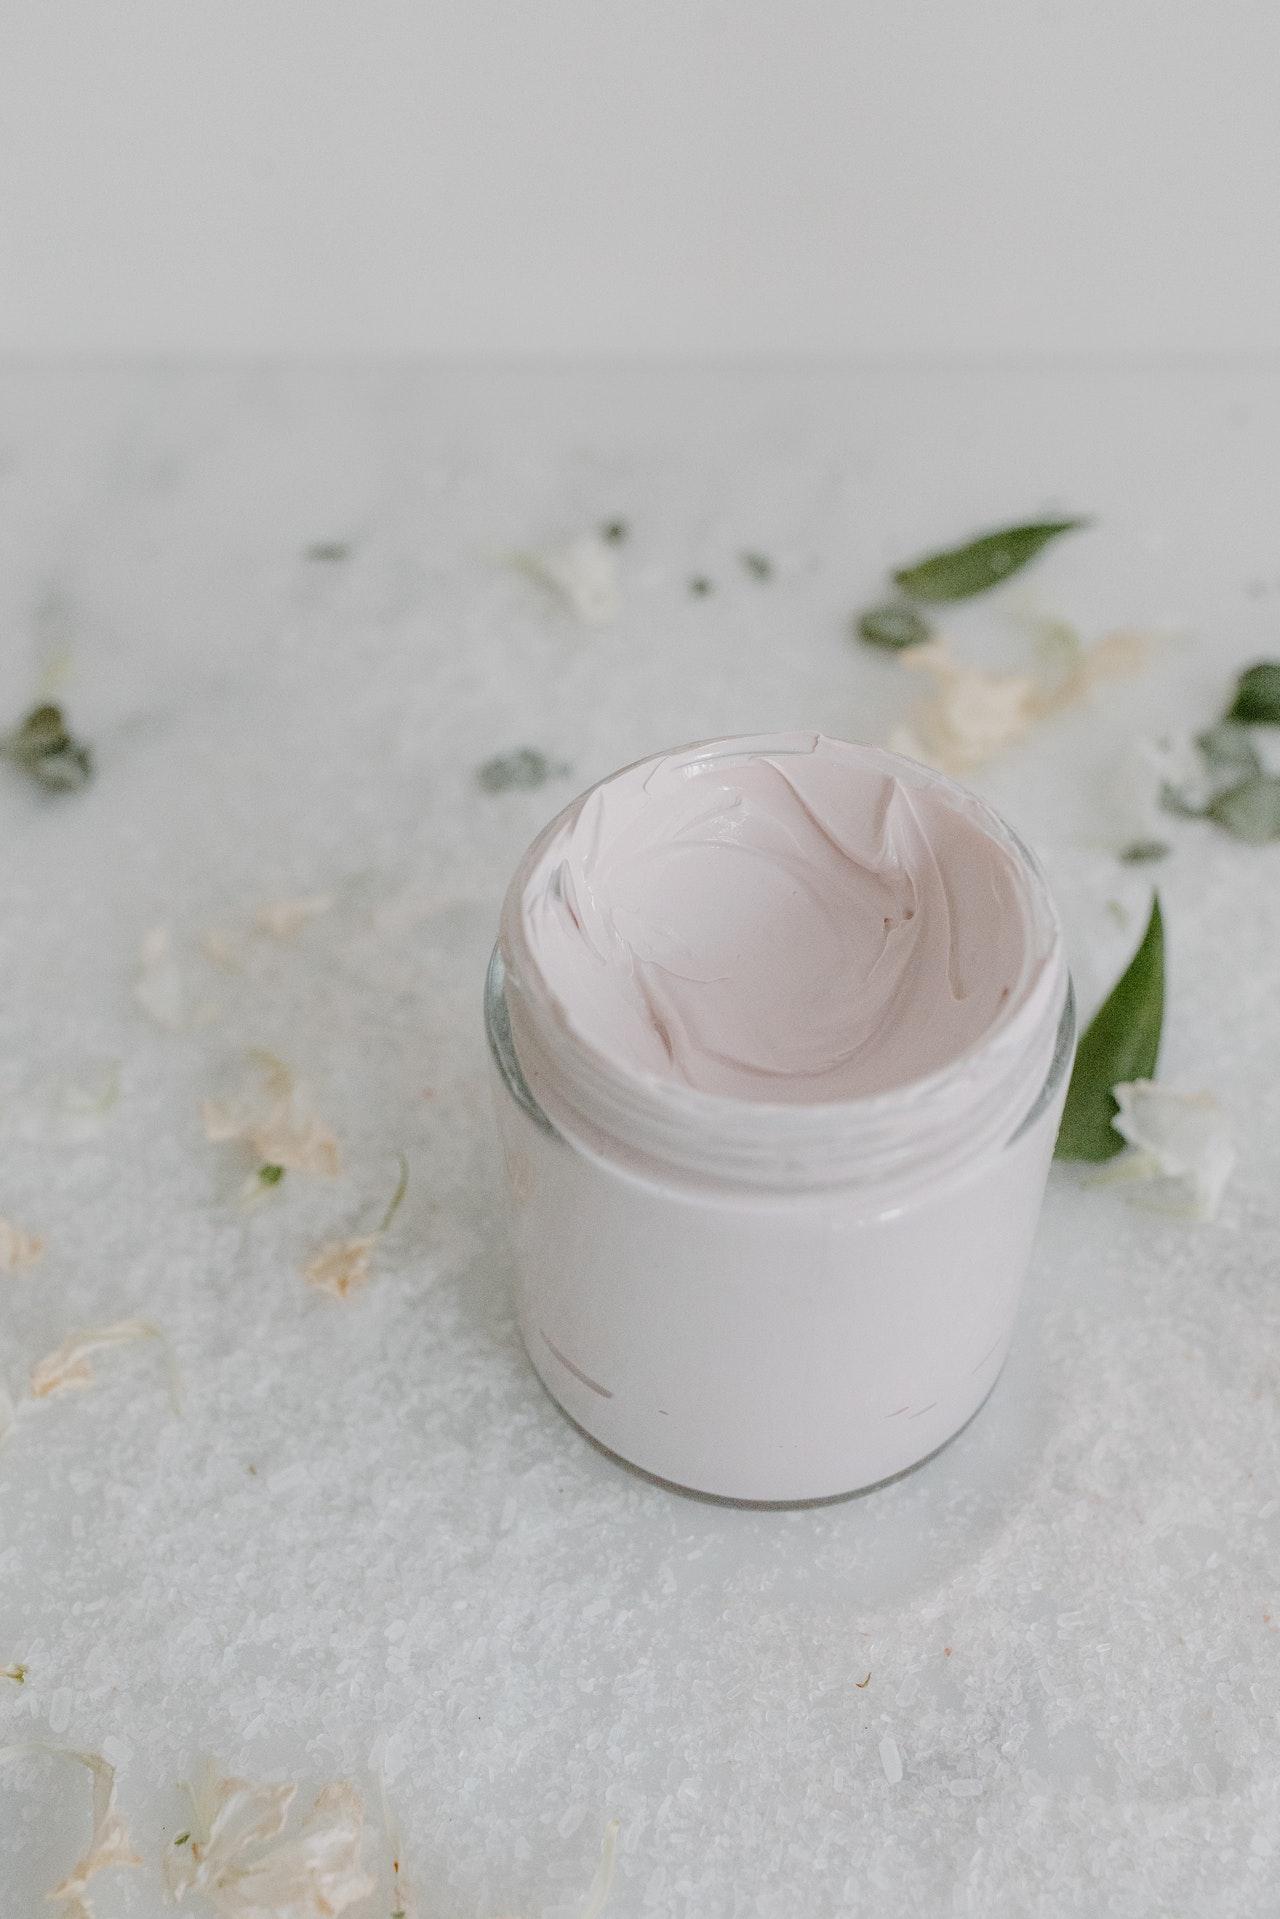 Las 5 mejores cremas faciales exfoliantes